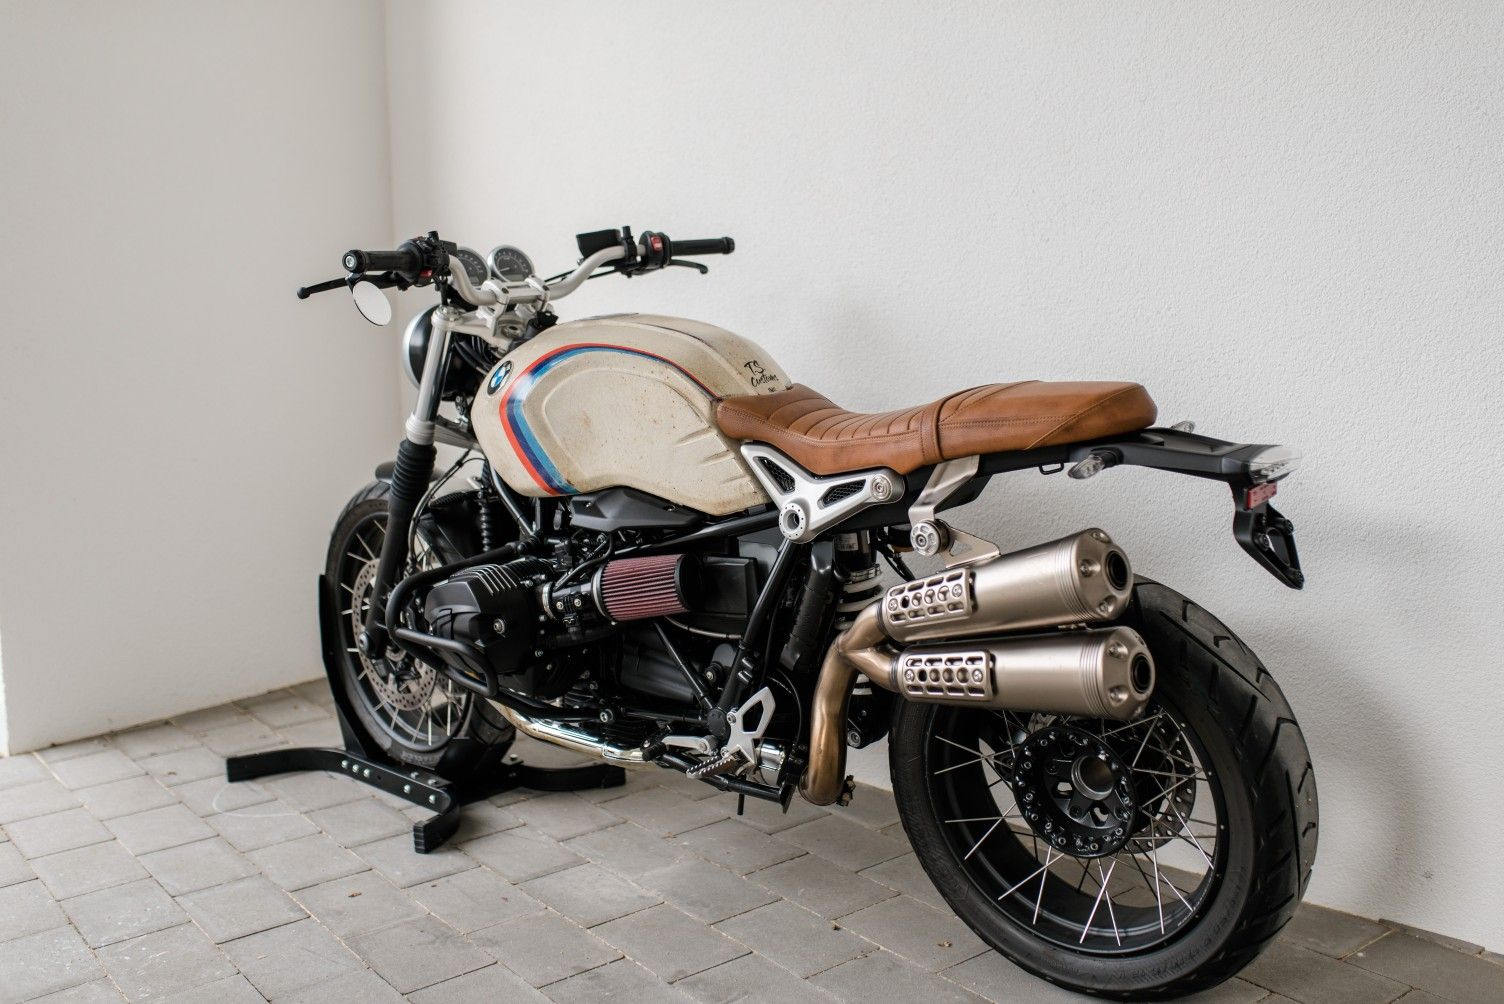 Scrambler Custom Image By Montserrat On Bike Dreams In 2020